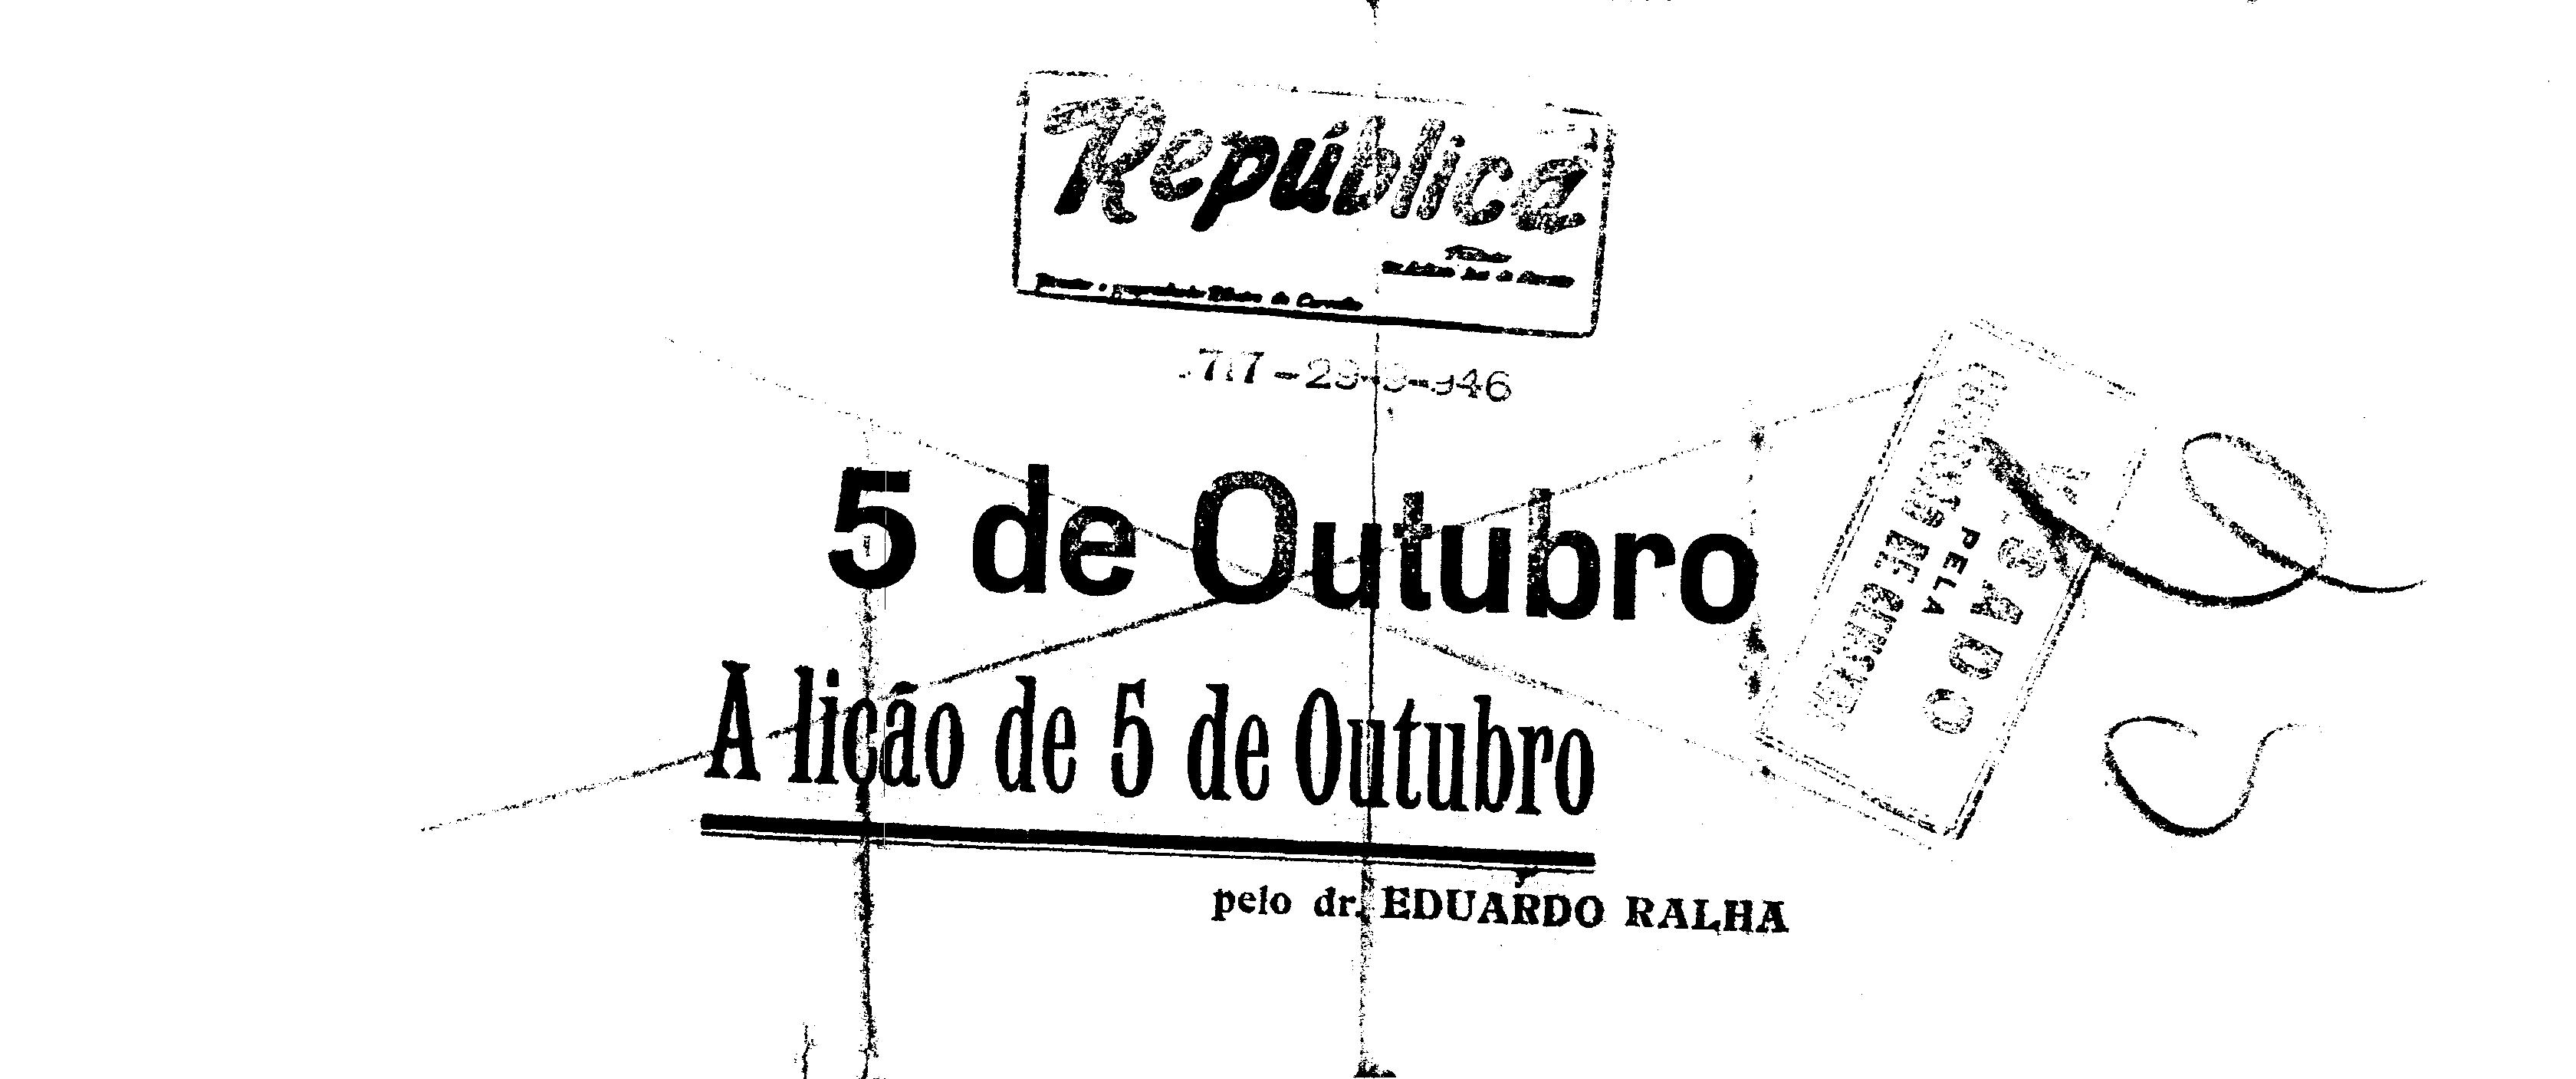 02969.058.006- pag.1